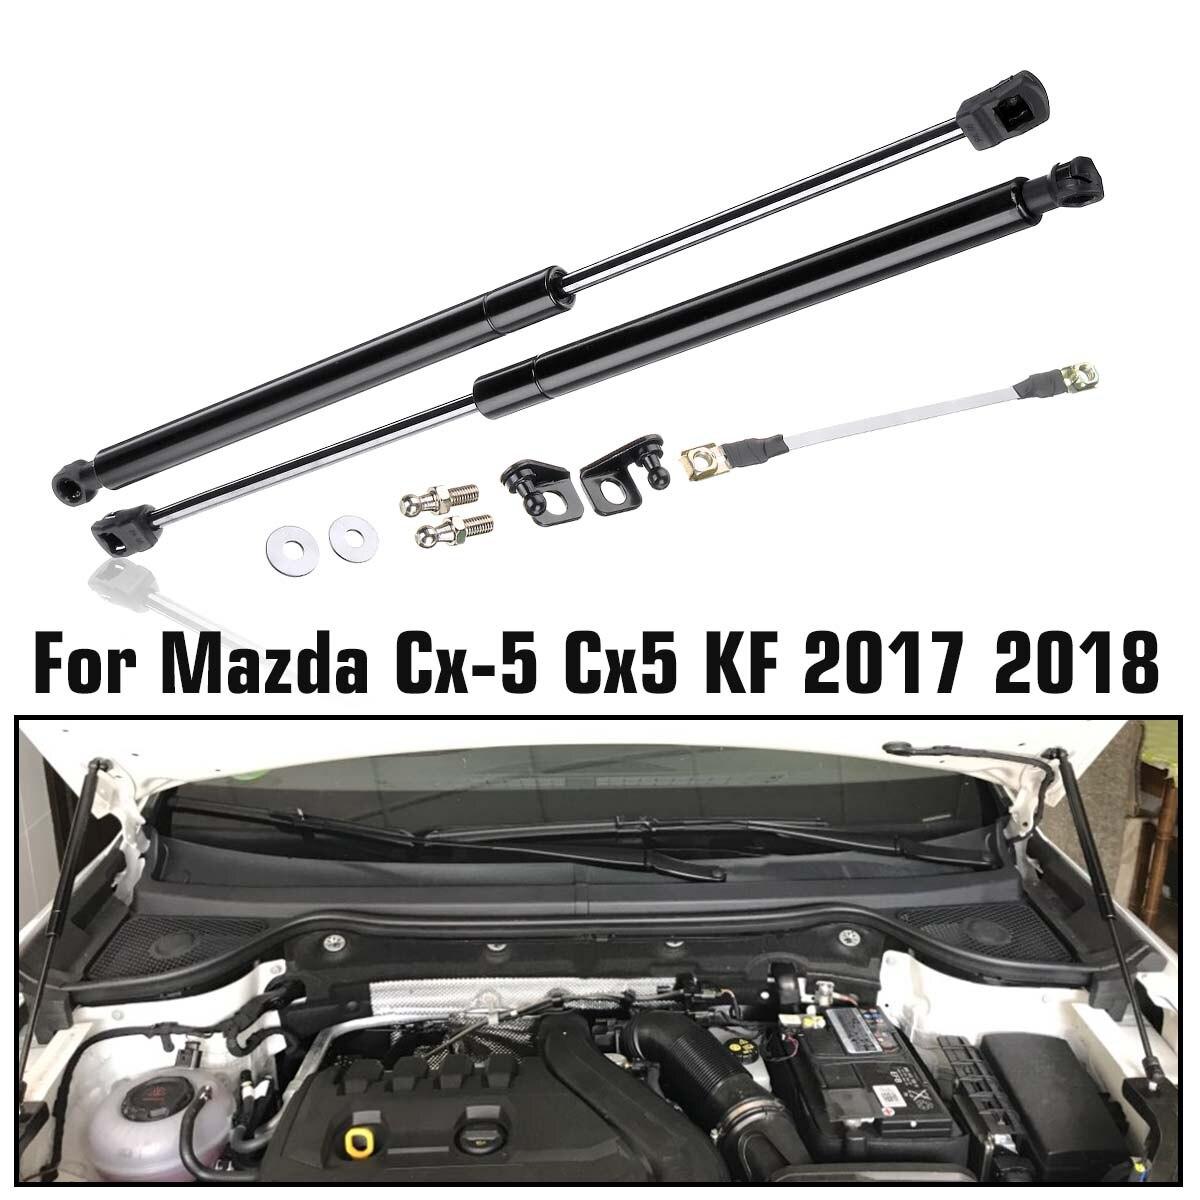 La cubierta del motor del coche admite puntales de la barra delantera del capó, resorte de puntal de barra hidráulica, barra de choque para Mazda CX5 CX-5 2017 2018